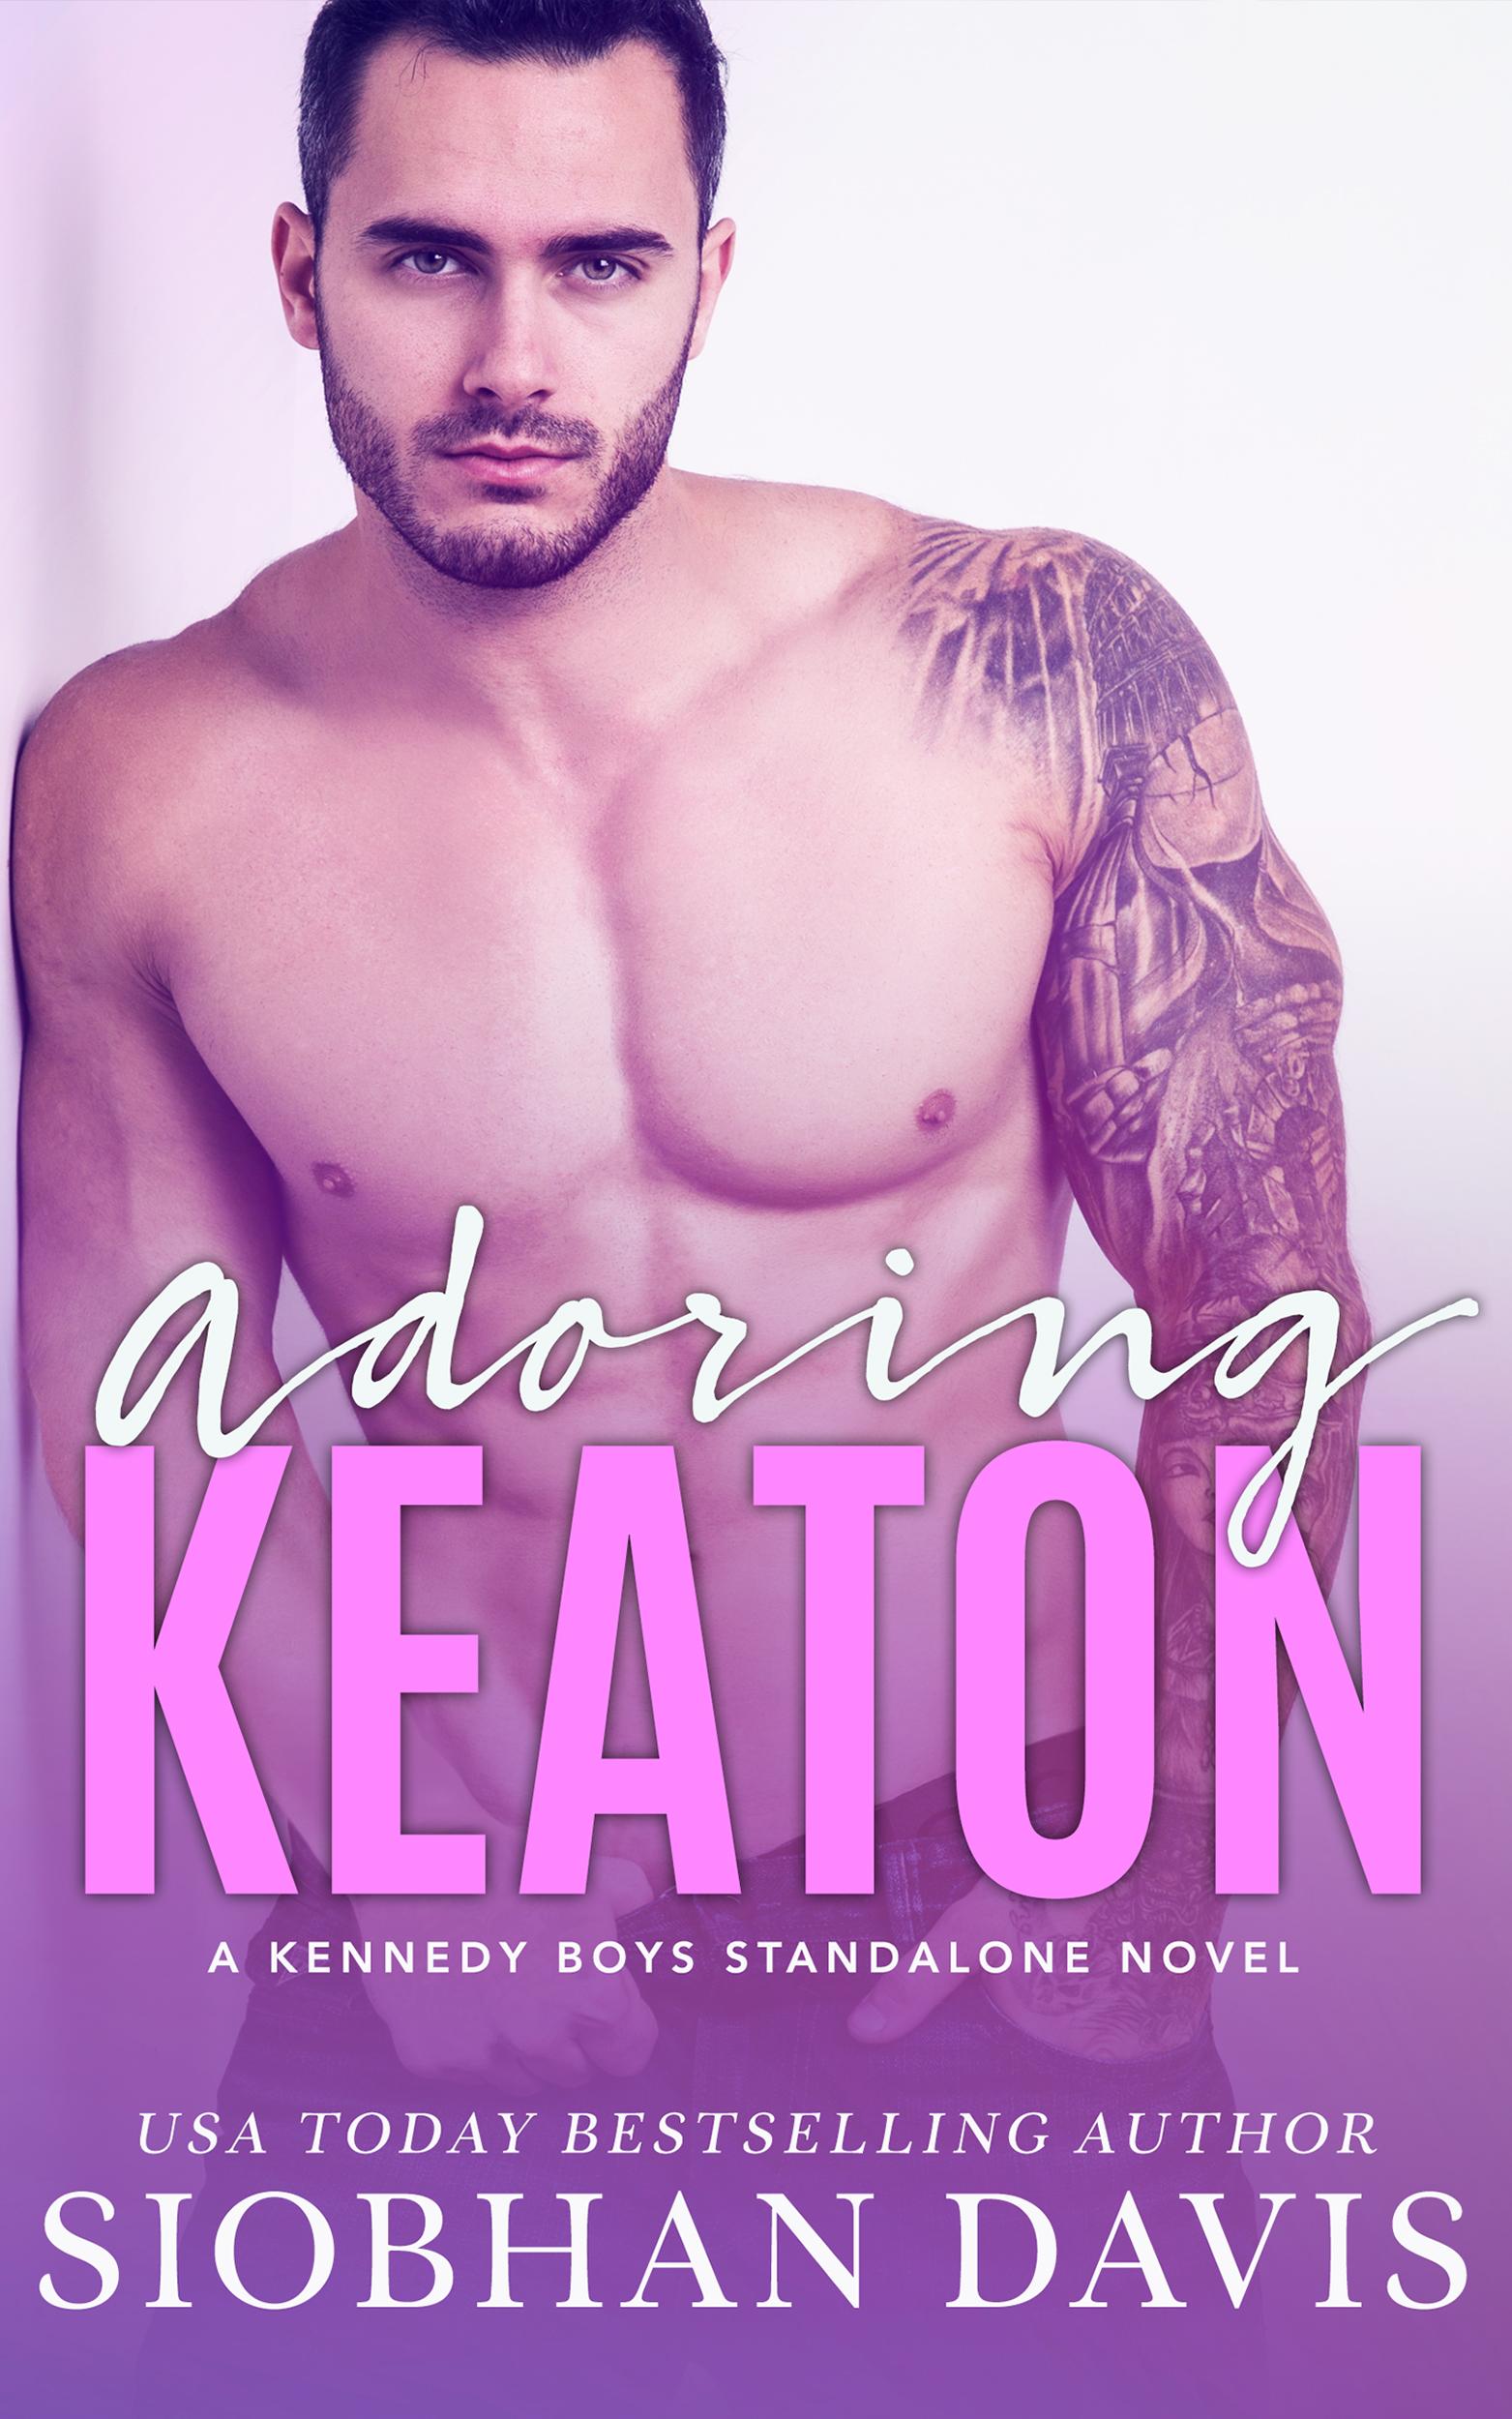 AdoringKeaton_ecover